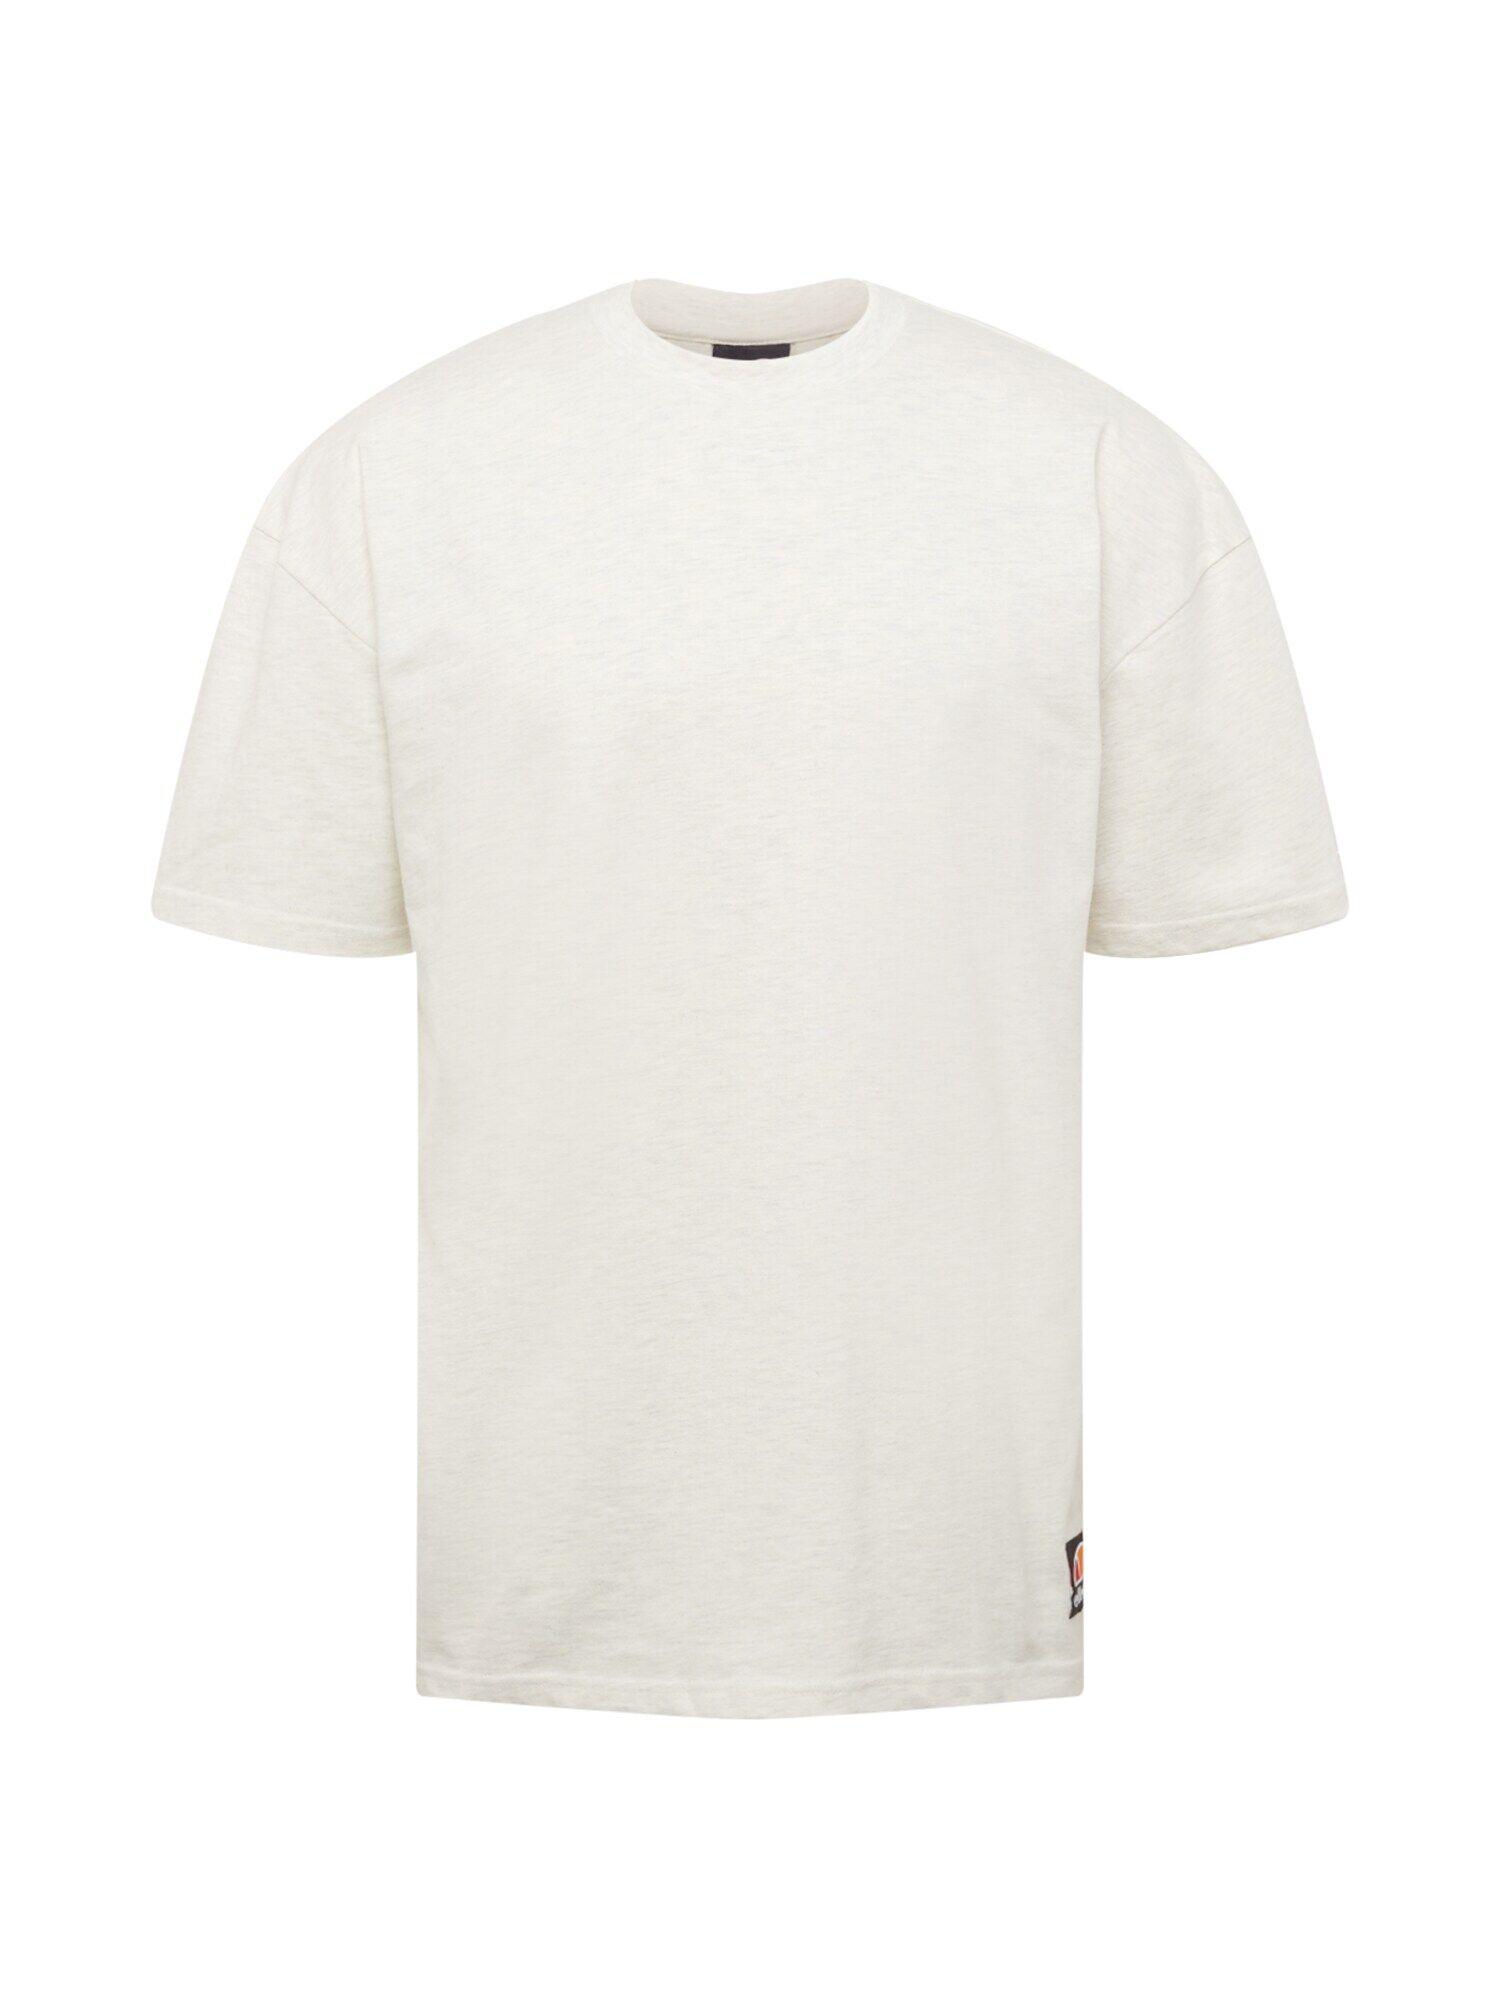 ELLESSE T-Shirt 'Avis'  - Blanc - Taille: L - male